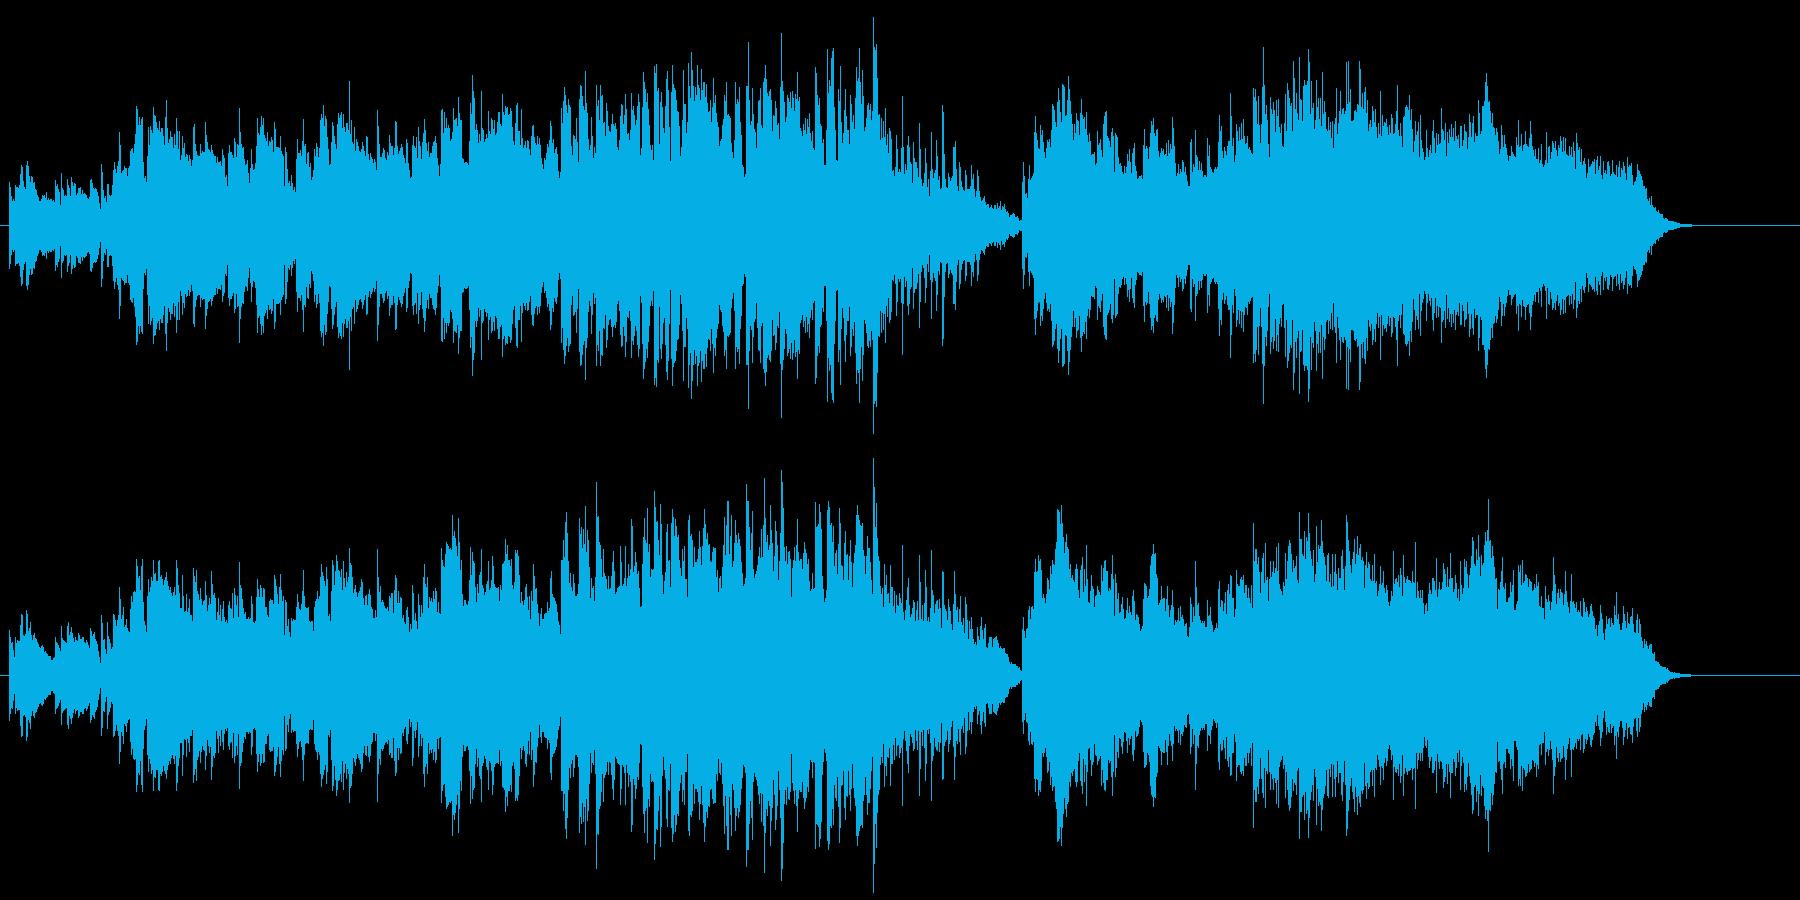 温もりを感じるドラマチックなバラードの再生済みの波形